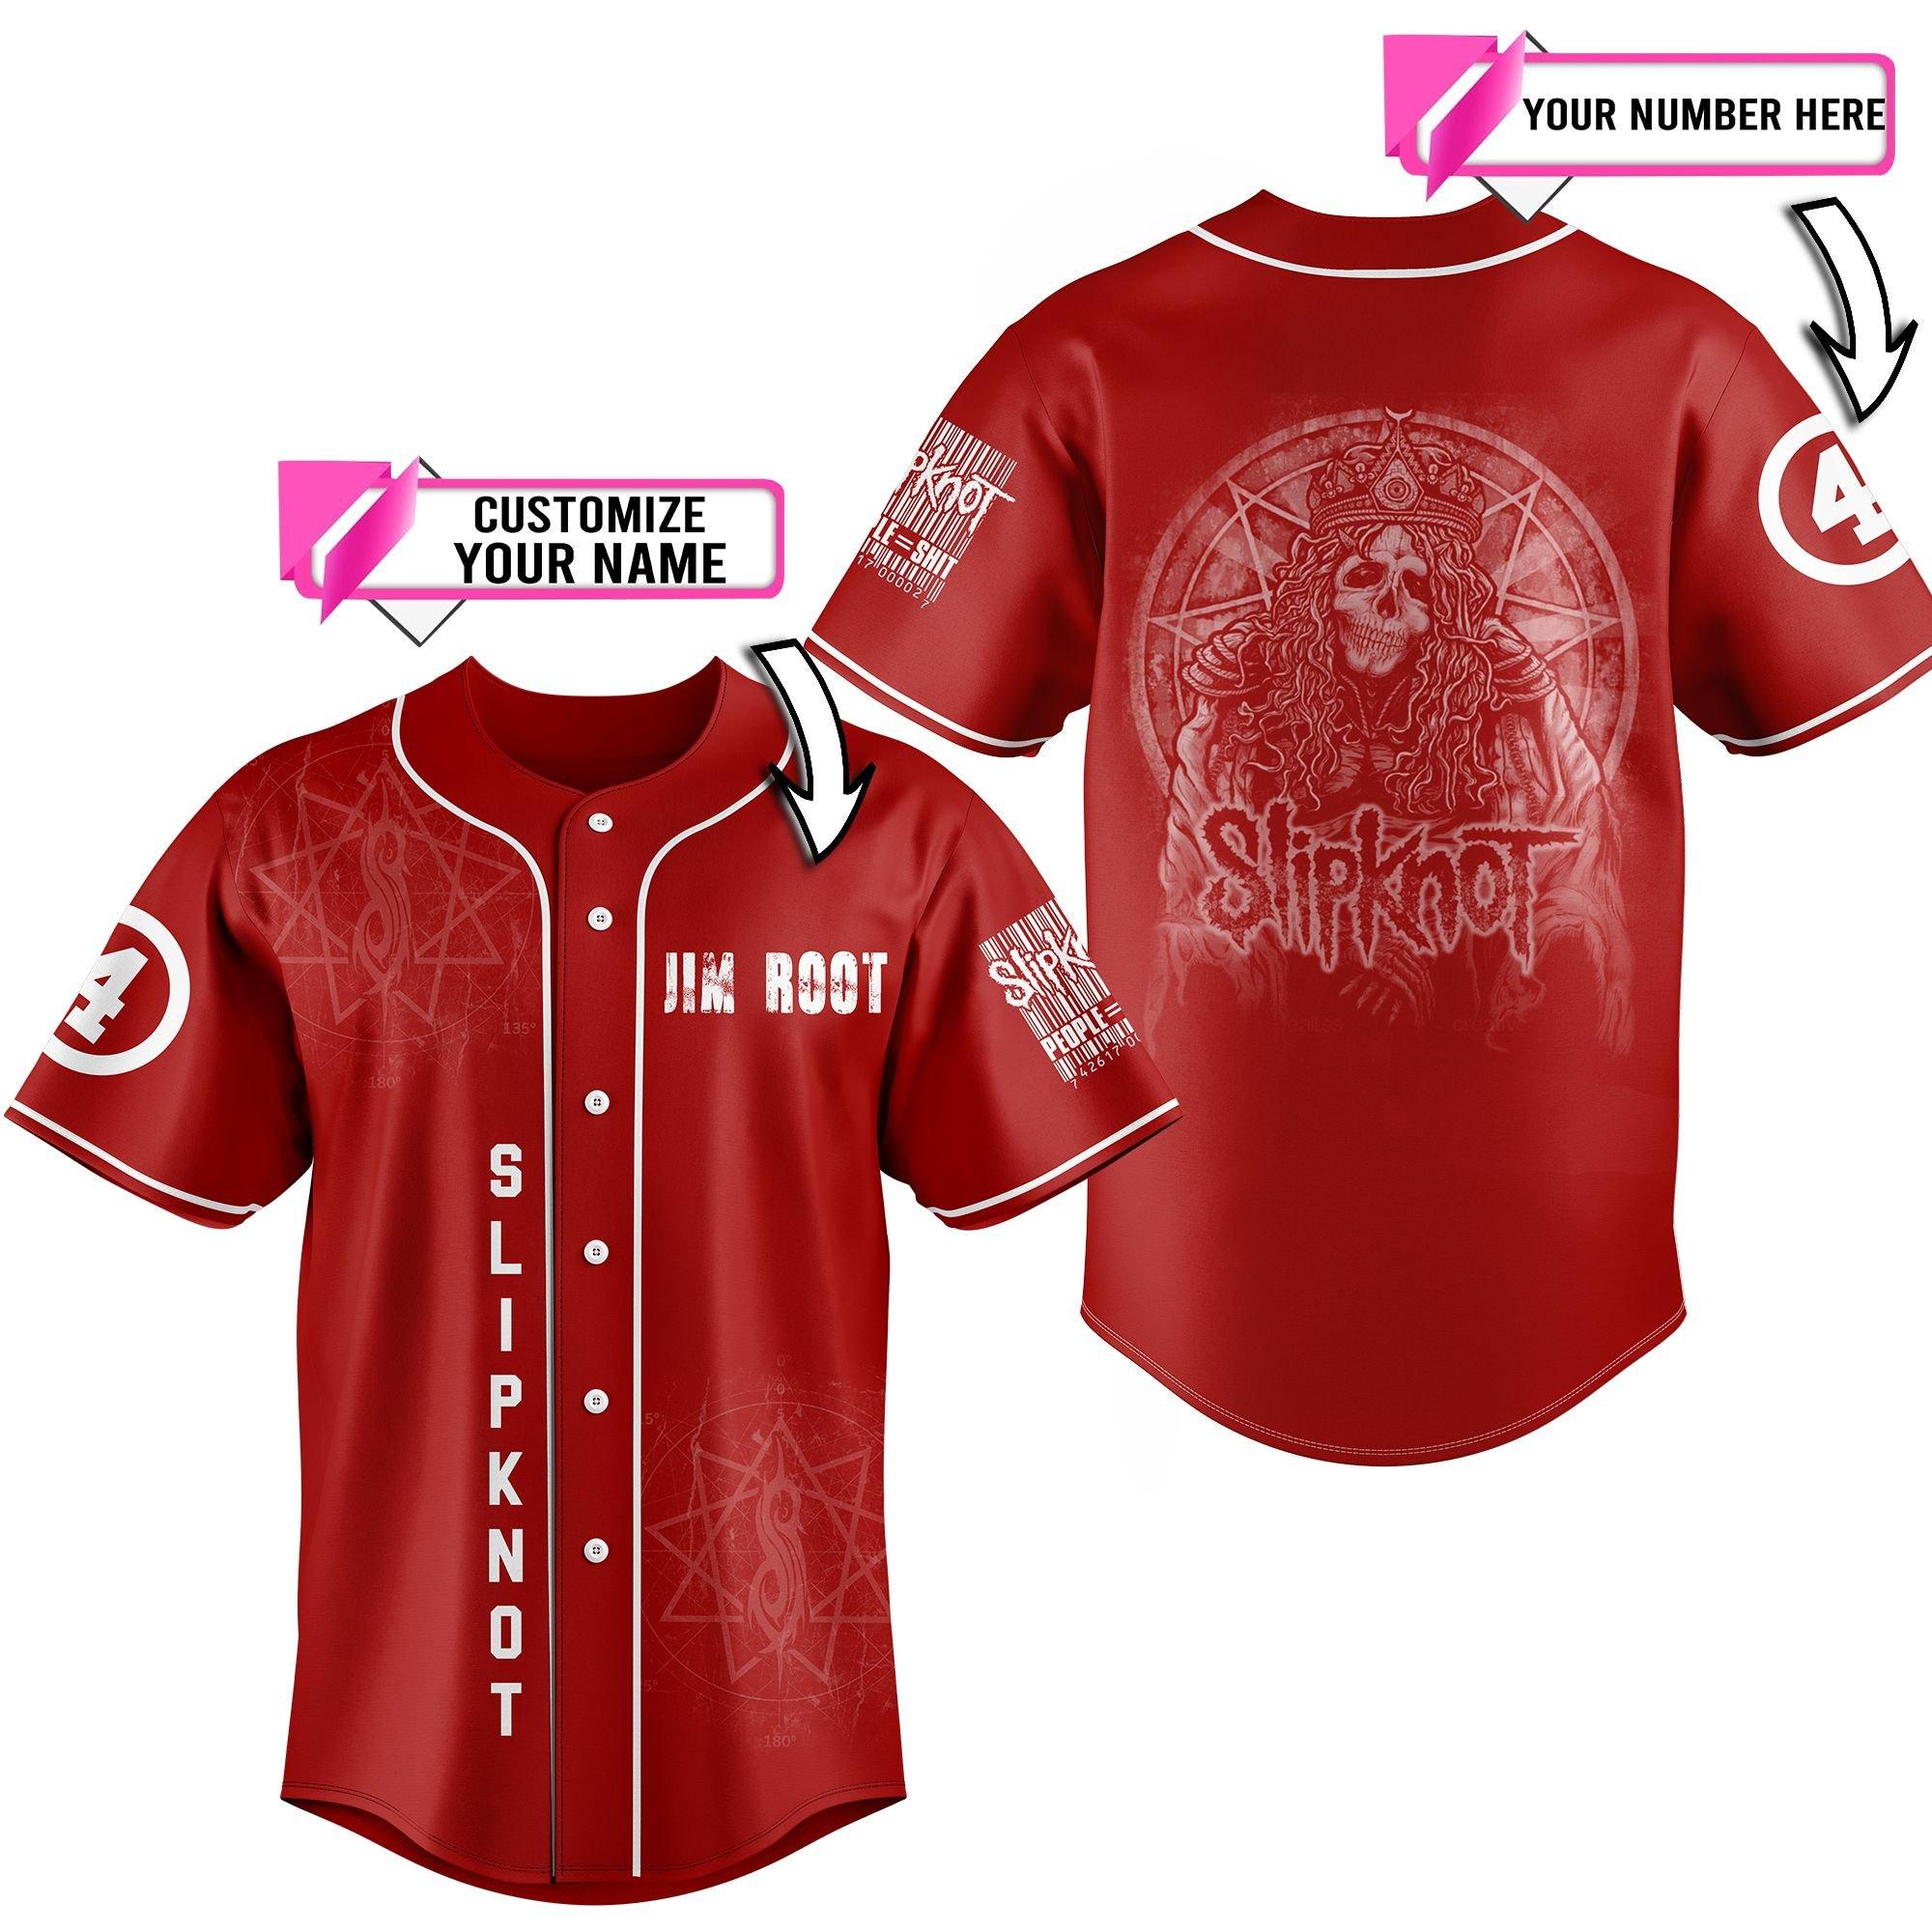 Slipknot custom name baseball jersey 4